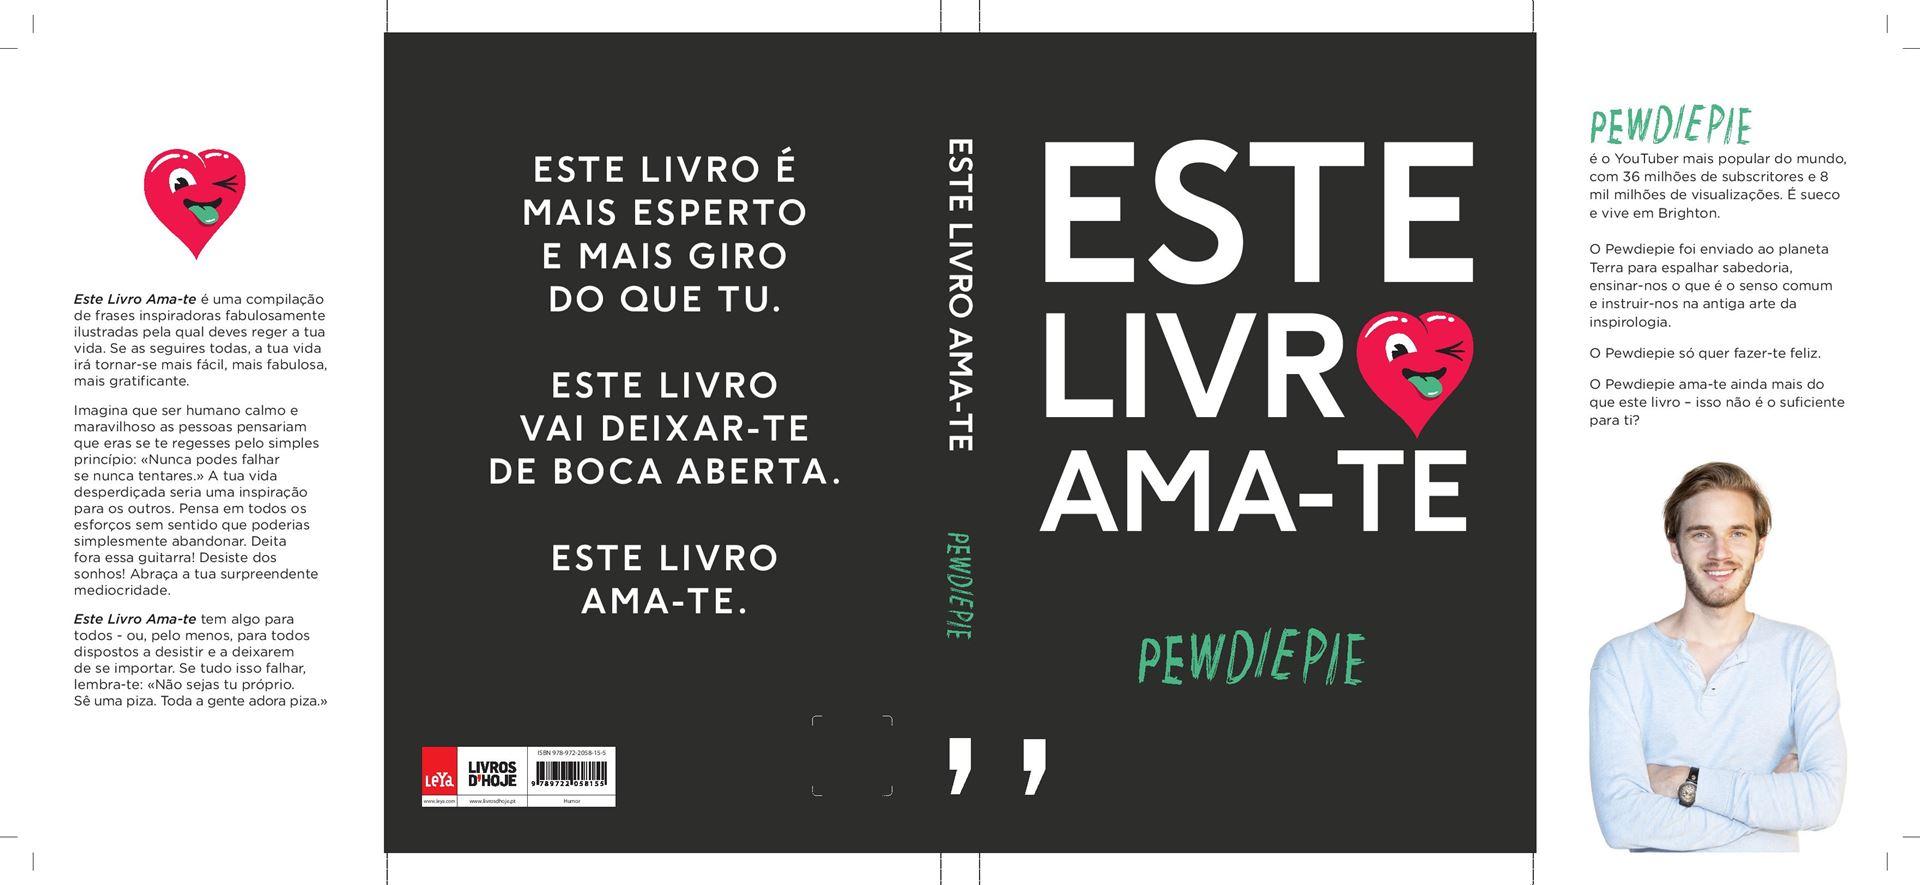 Lançamento Mundial De Este Livro Ama Te De Pewdiepie Notícias